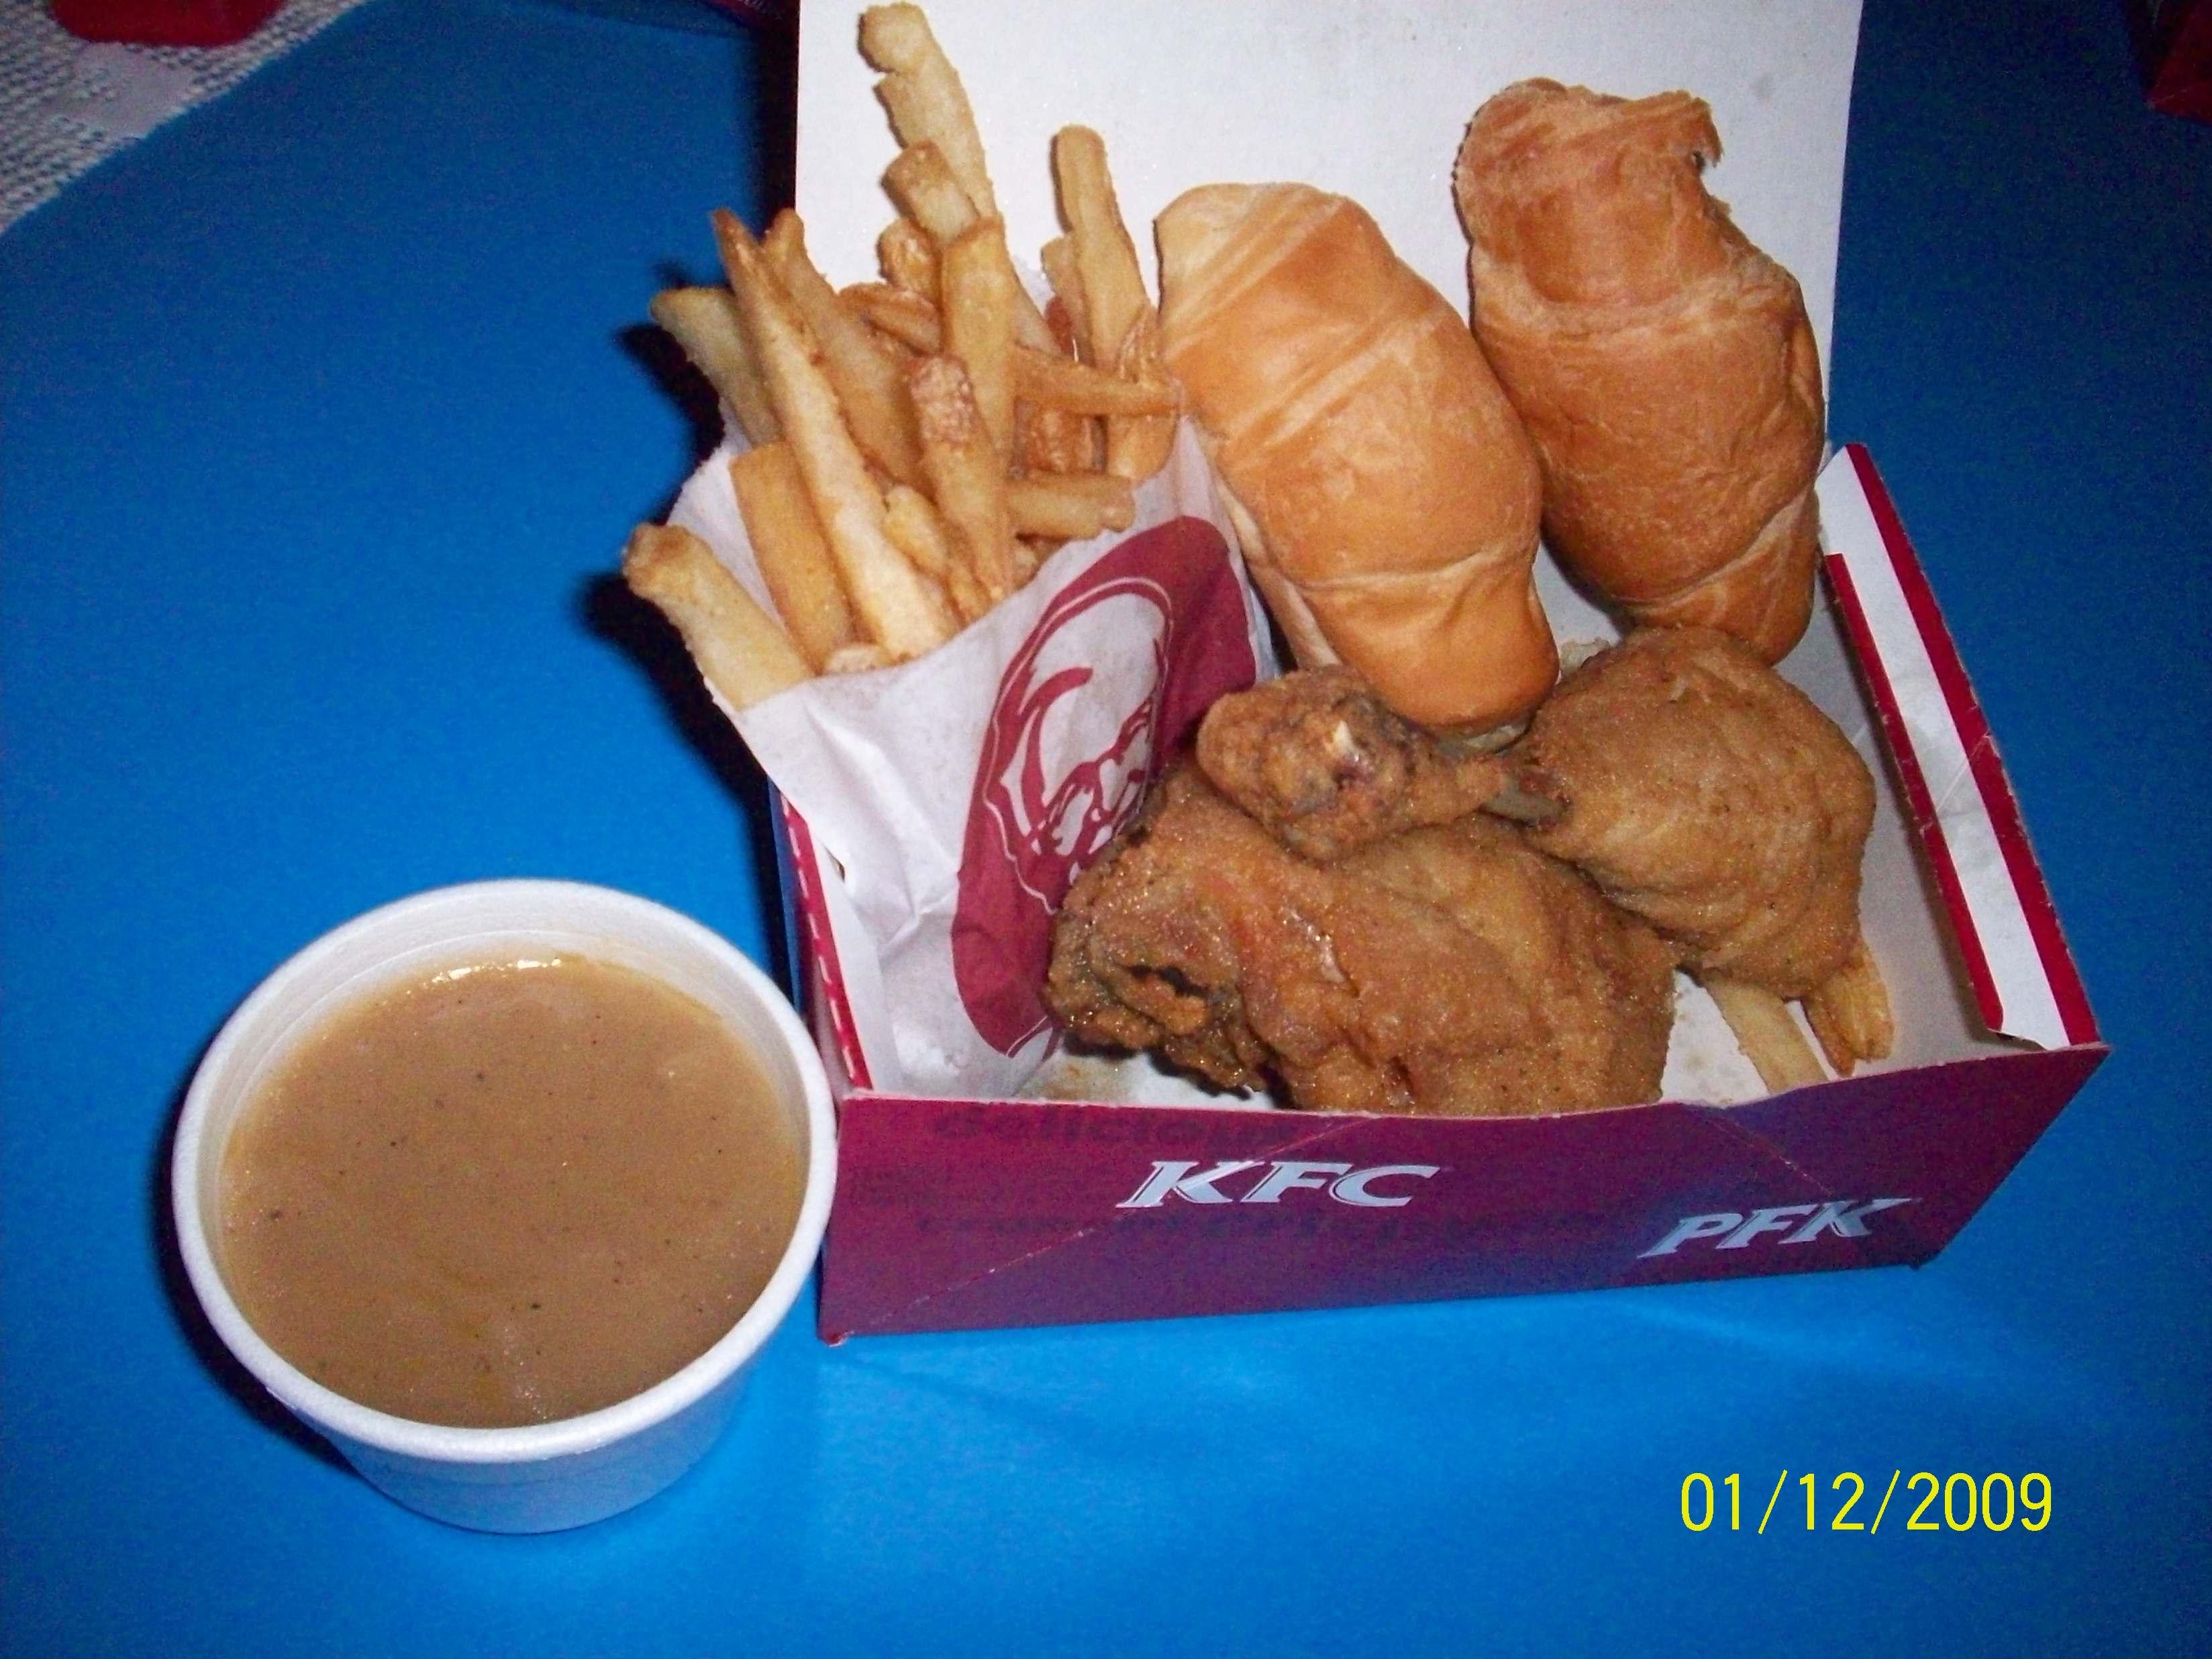 https://foodloader.net/cutie_2009-12-01_KFC_Toonies_plus_Croissants.jpg